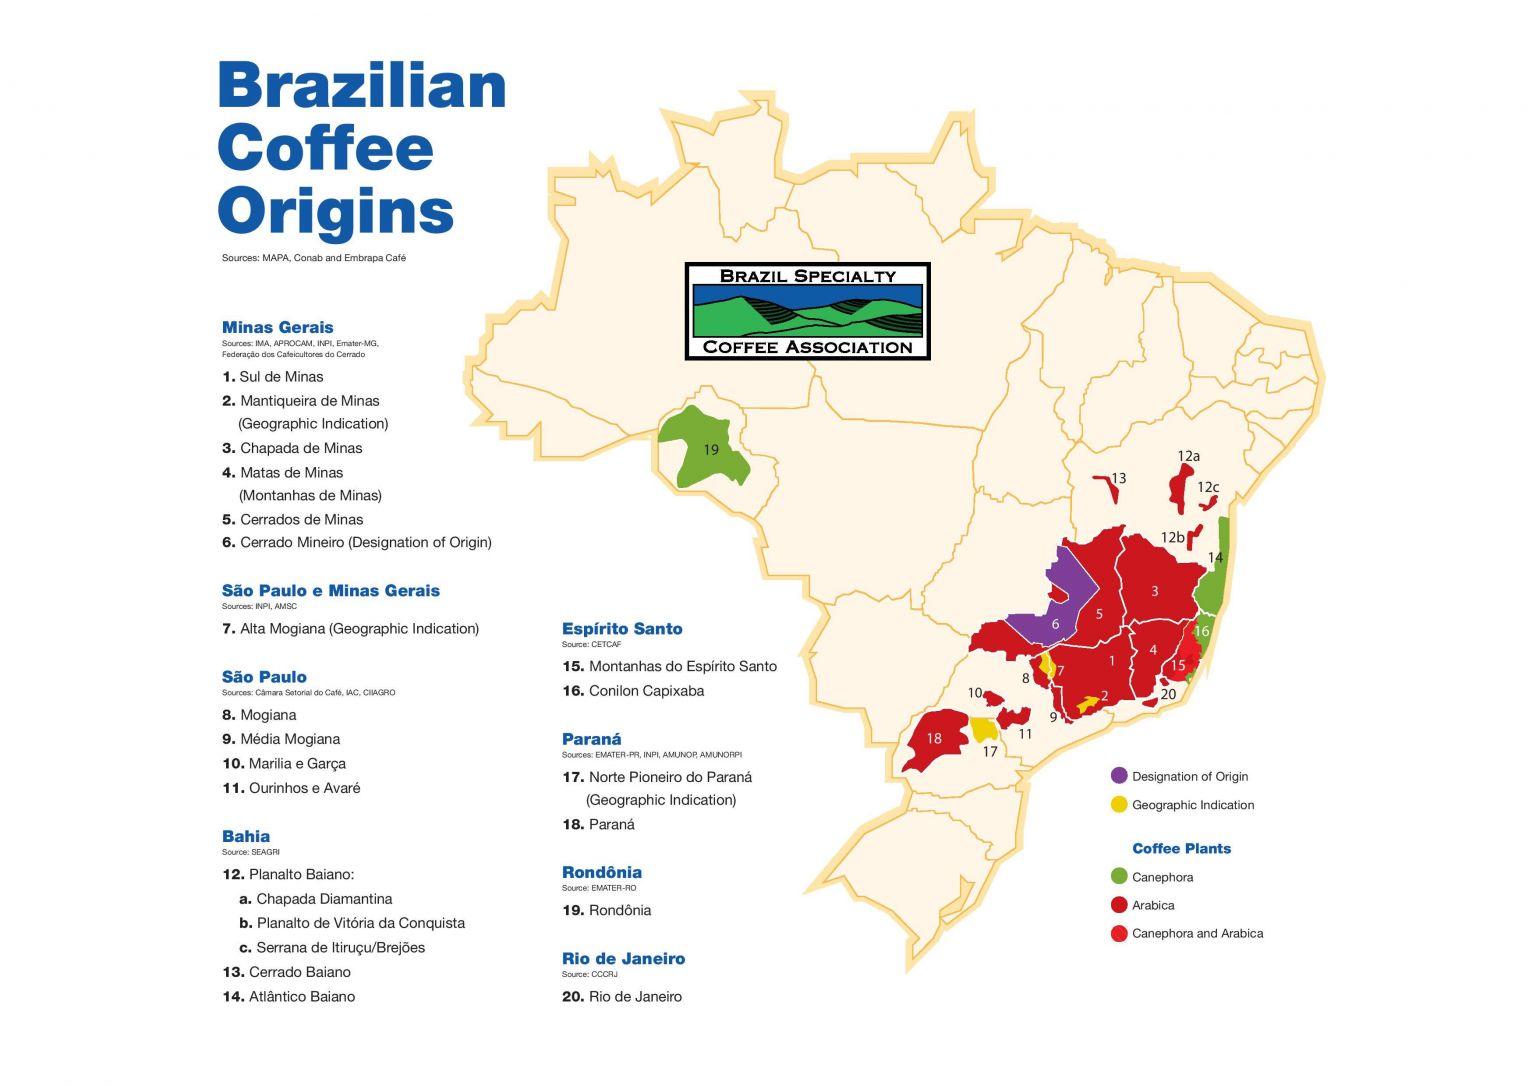 Кофепроизводящие регионы Бразилии